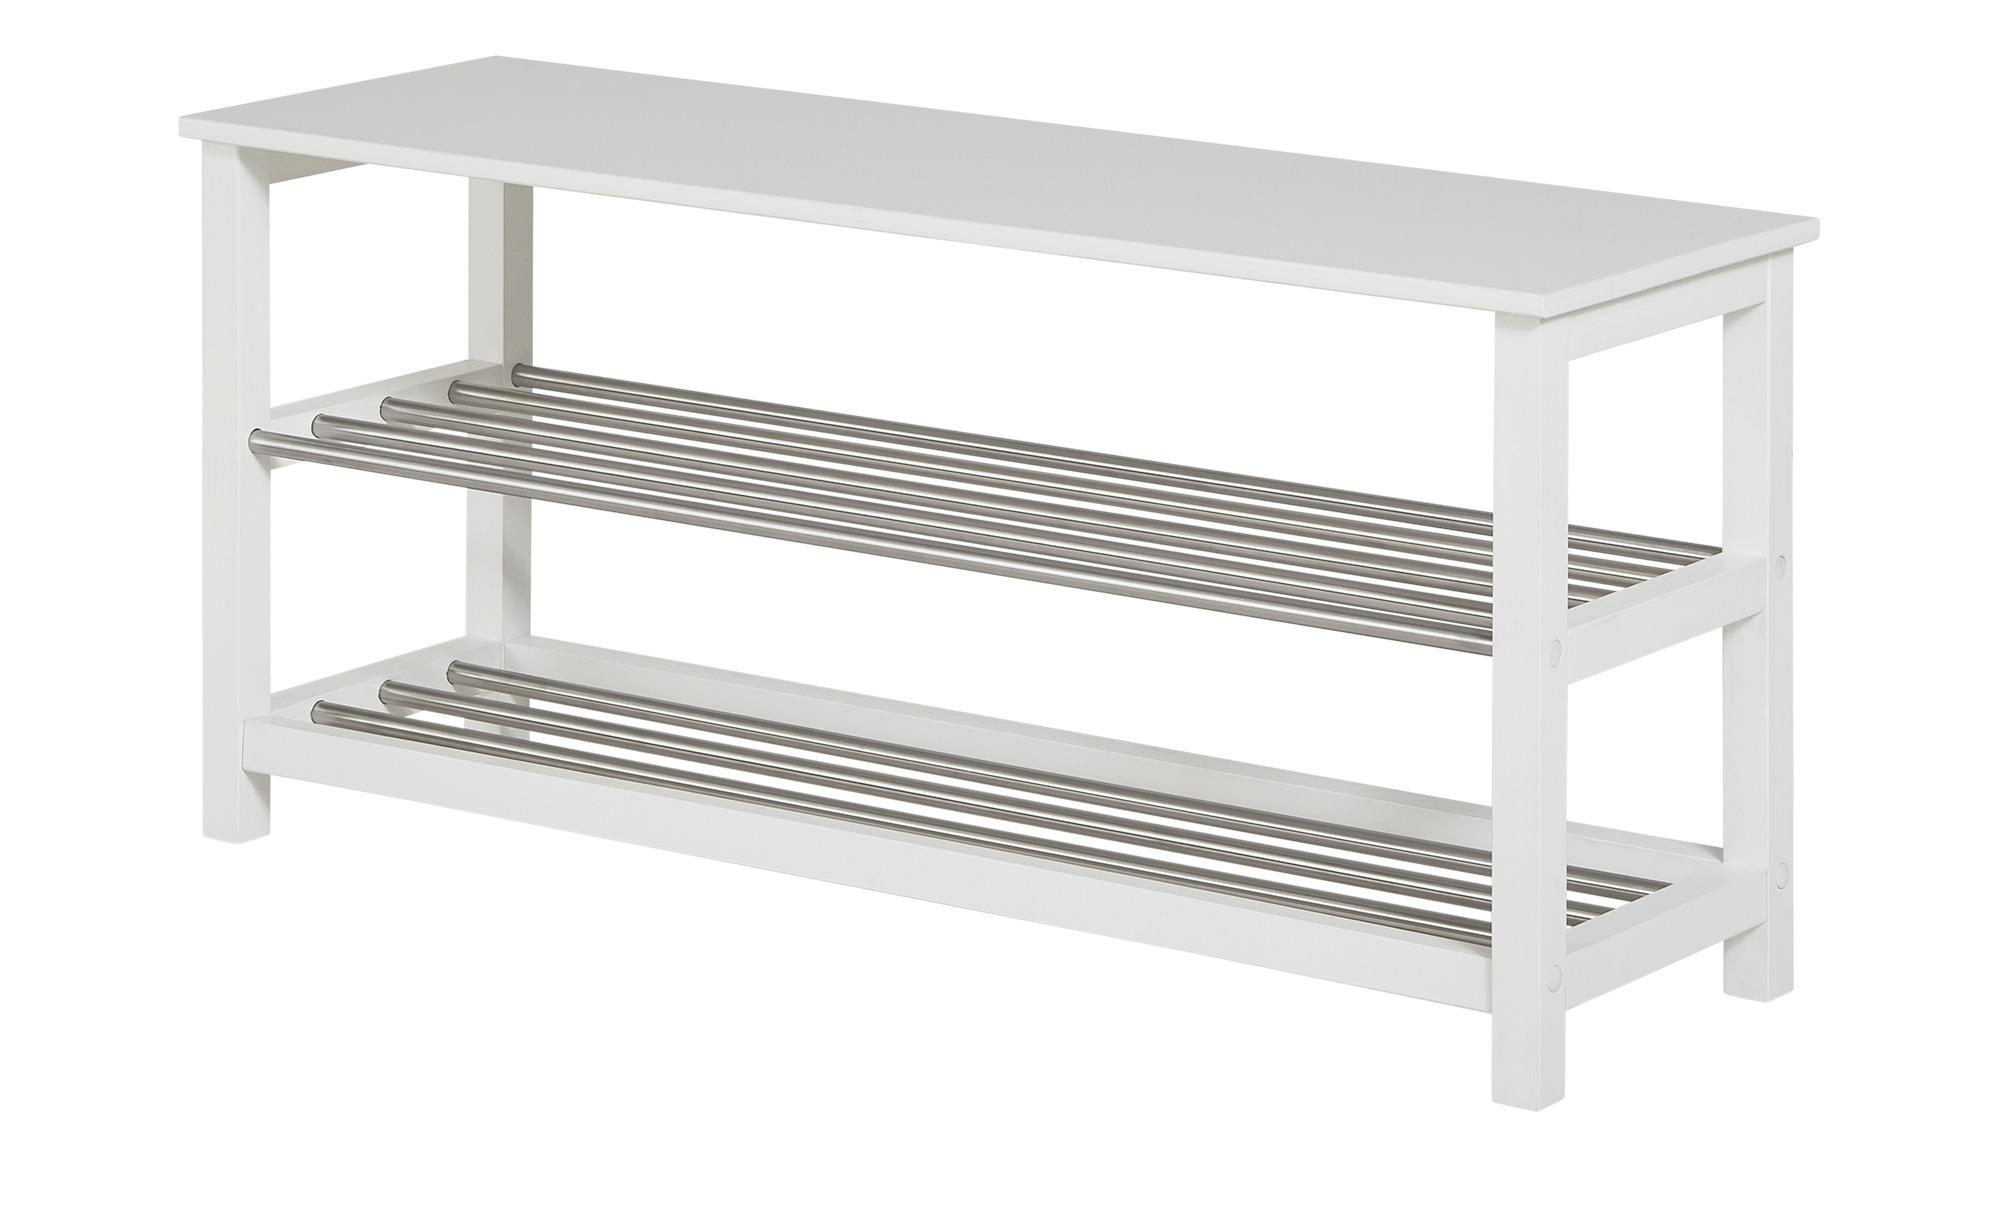 Schuhbank - weiß - Garderoben & Kleiderstangen > Schuhgarderoben & Schränke günstig online kaufen